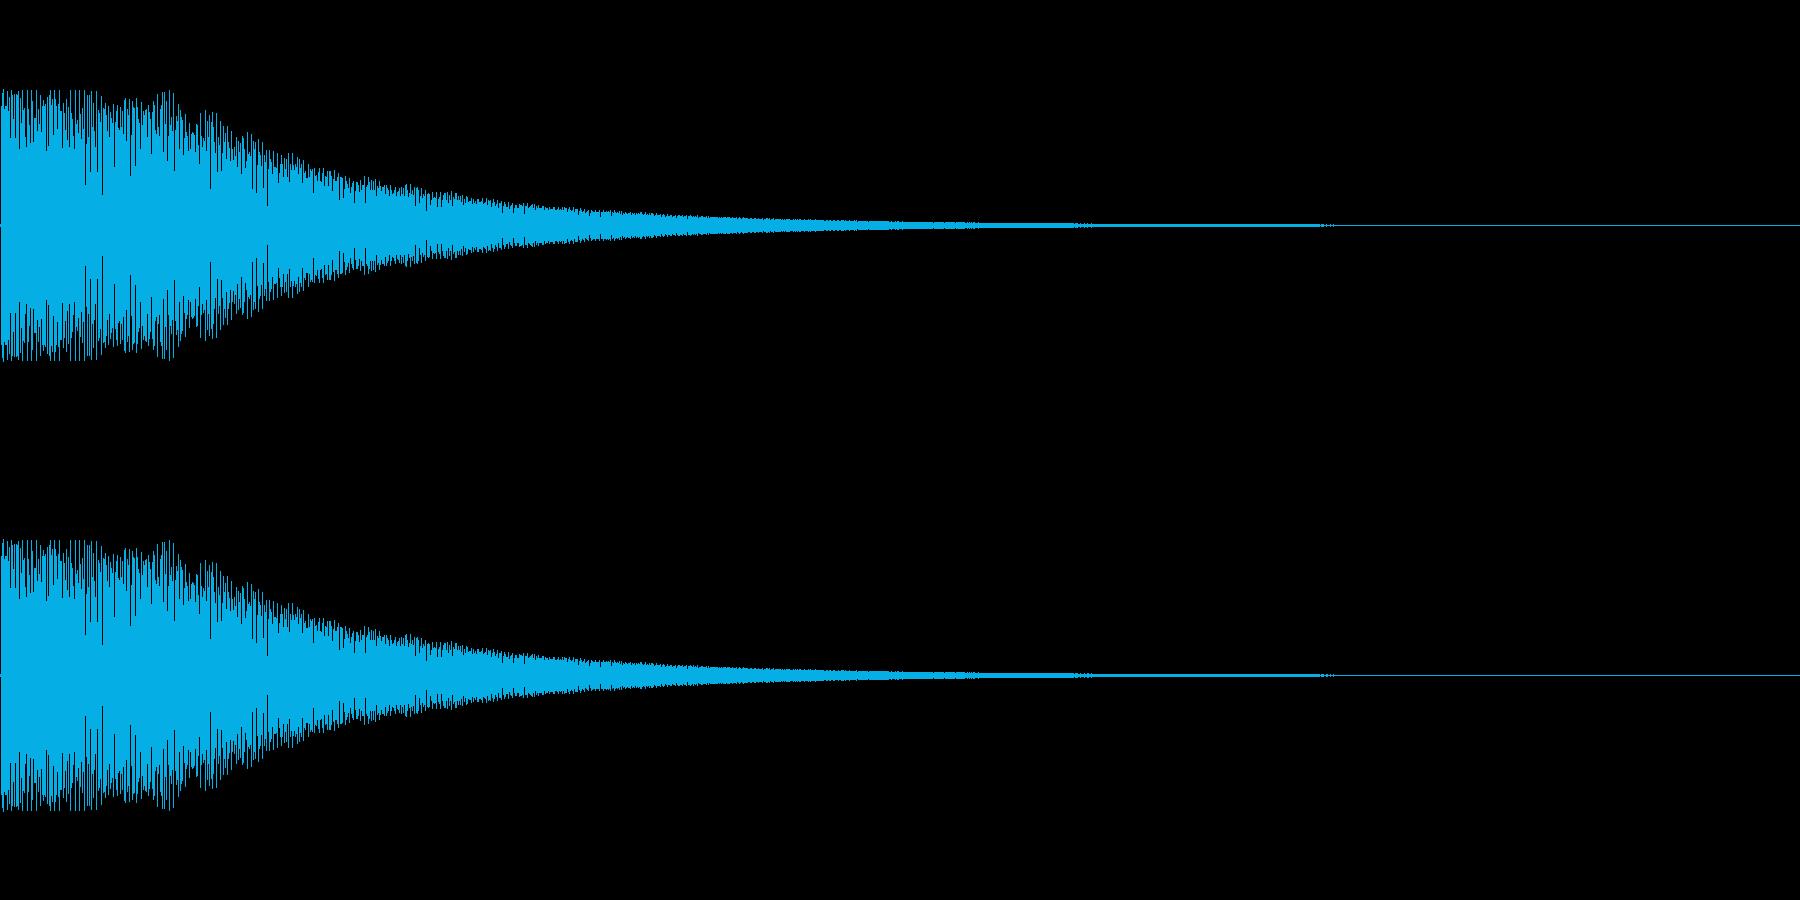 弾む音(キャラクターの移動音などに)の再生済みの波形